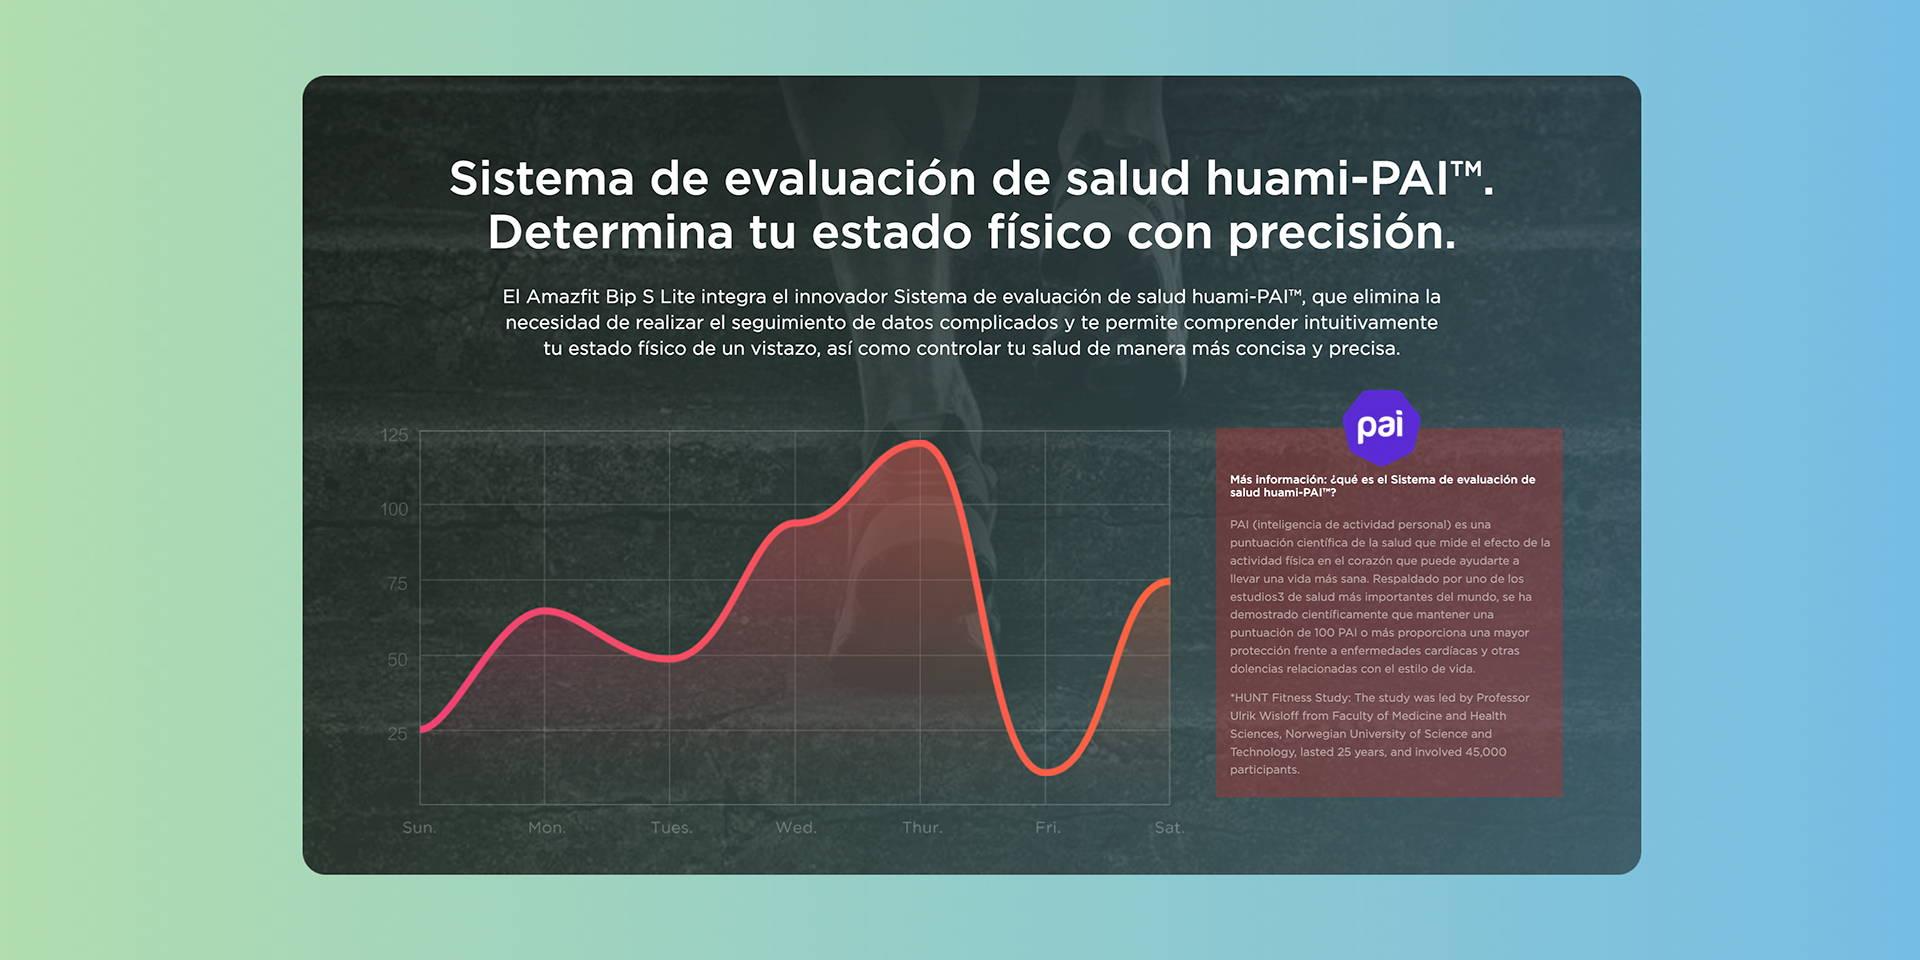 Amazfit ES - Amazfit Bip S Lite - Sistema de evaluación de salud huami-PAI™. | Determina tu estado físico con precisión.